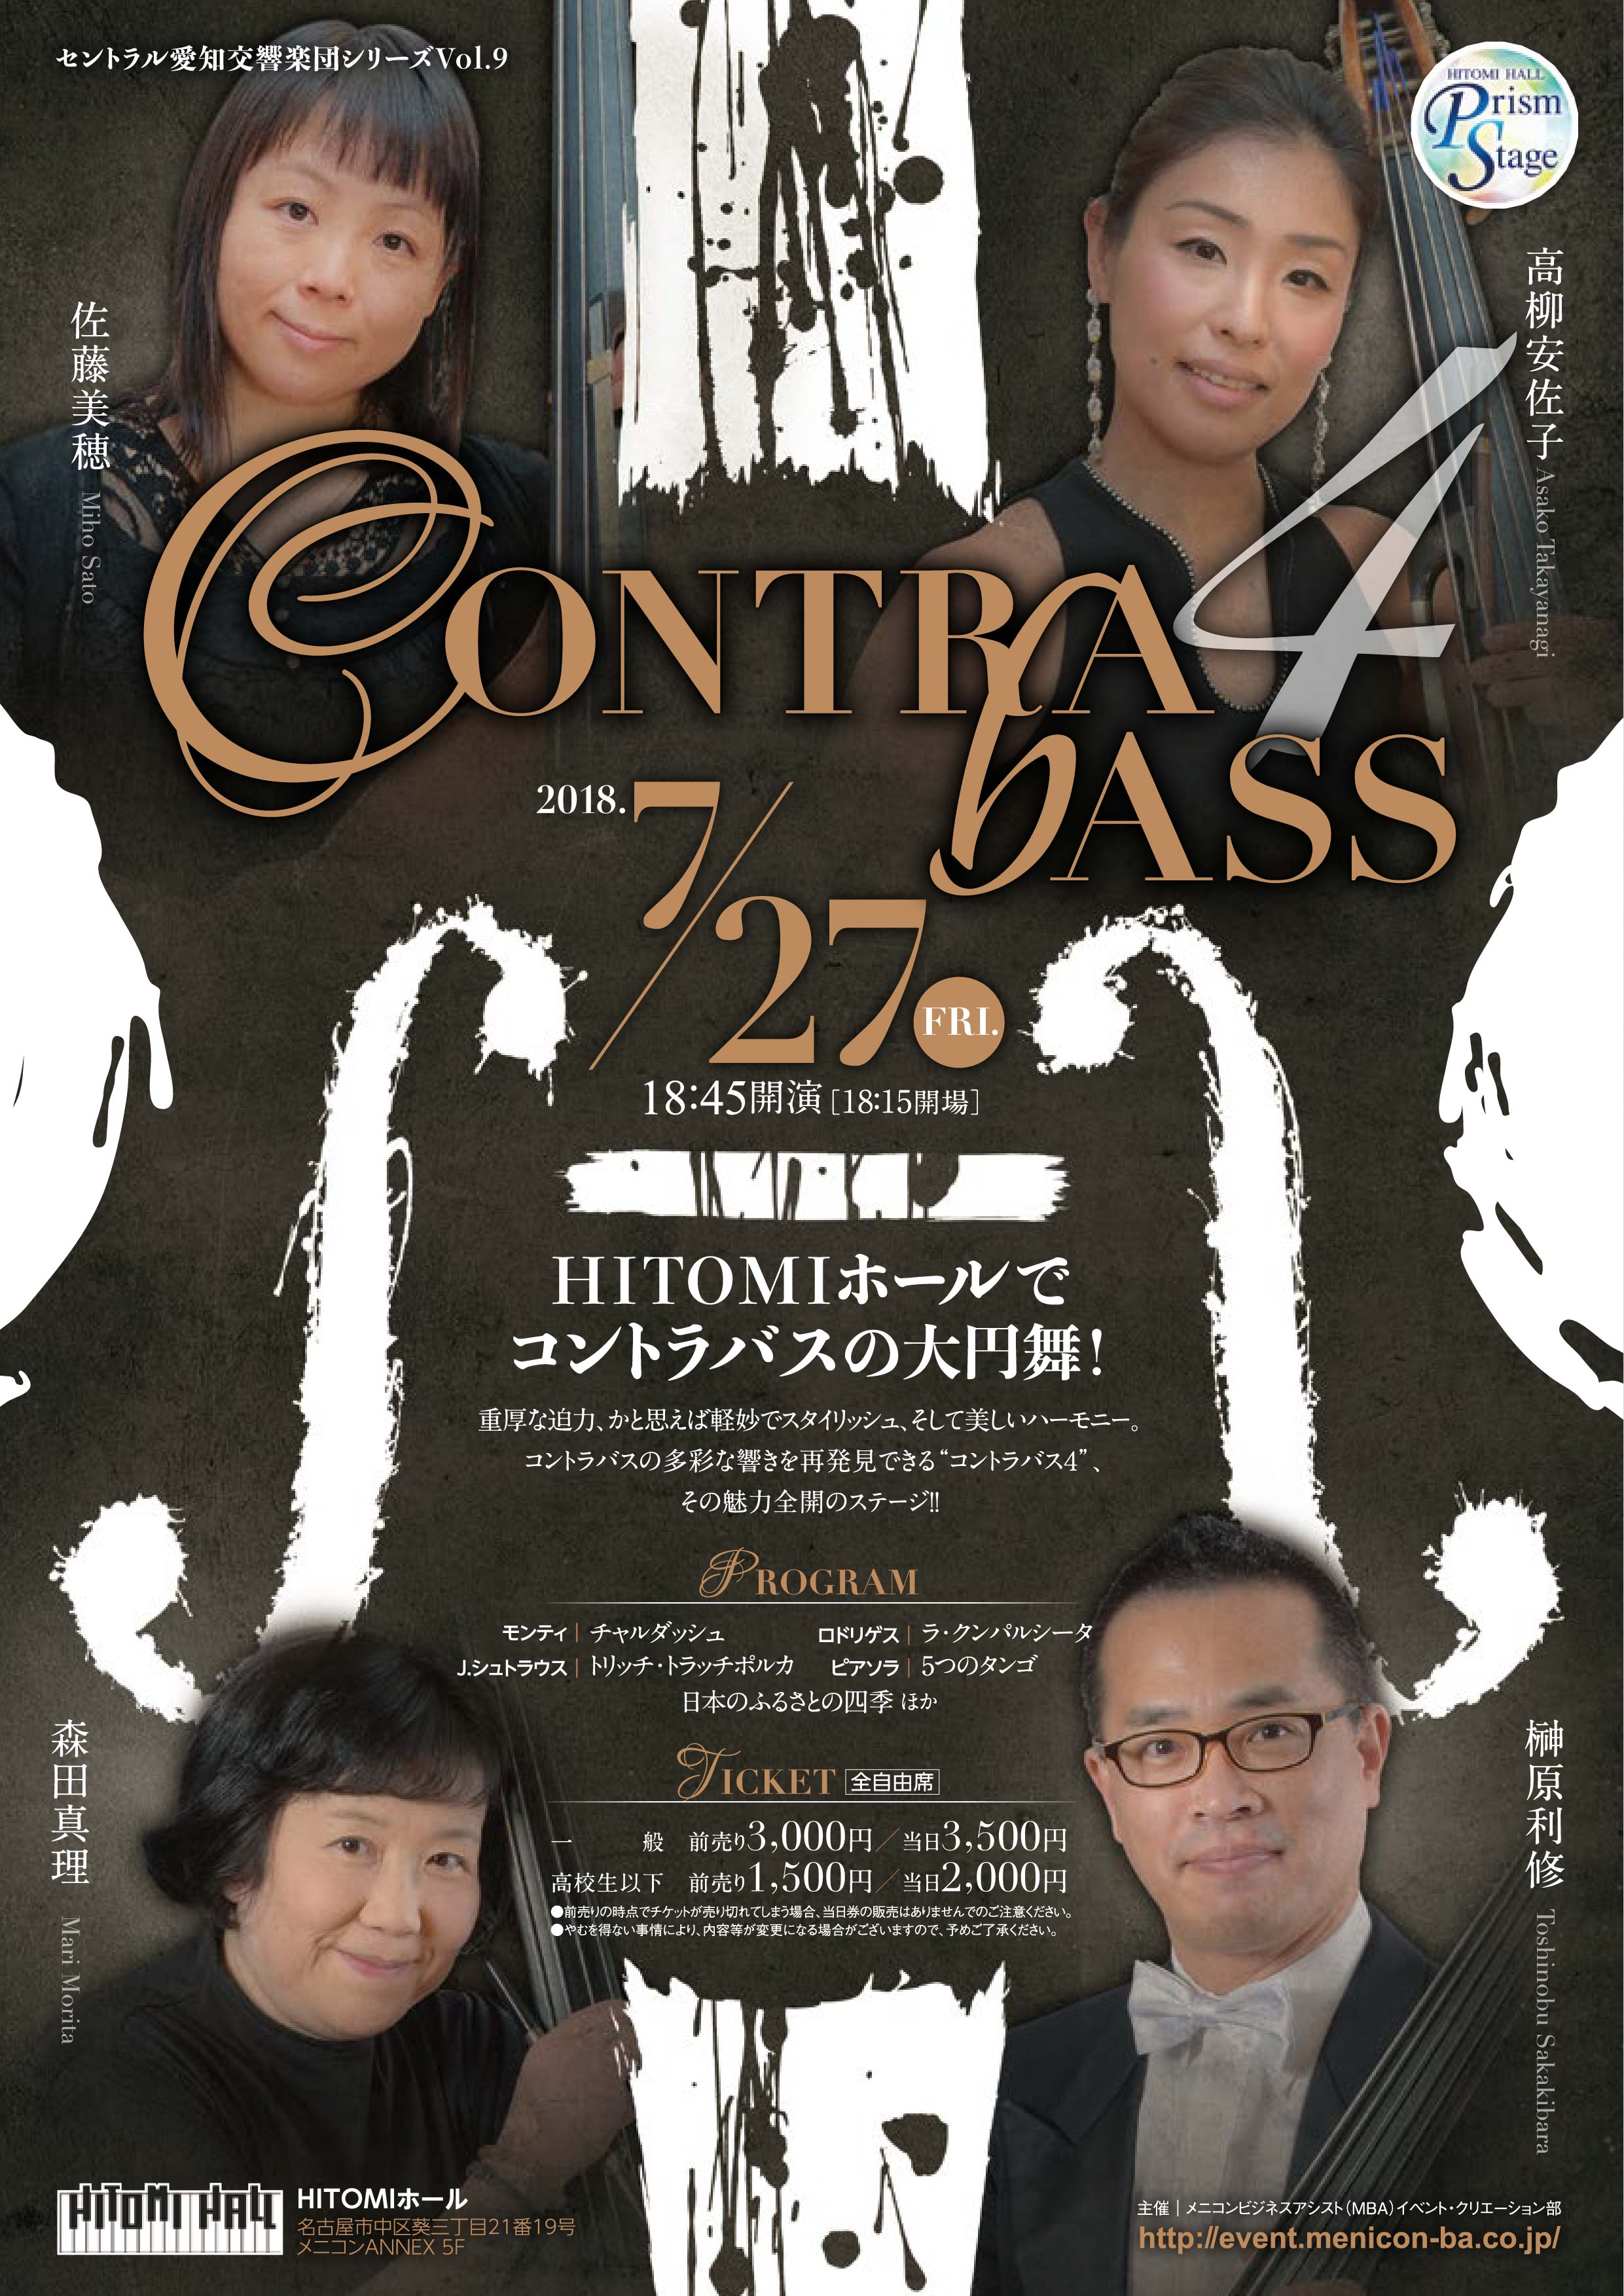 HITOMIホールプリズムステージ セントラル愛知交響楽団シリーズVol.9 CONTRABASS 4